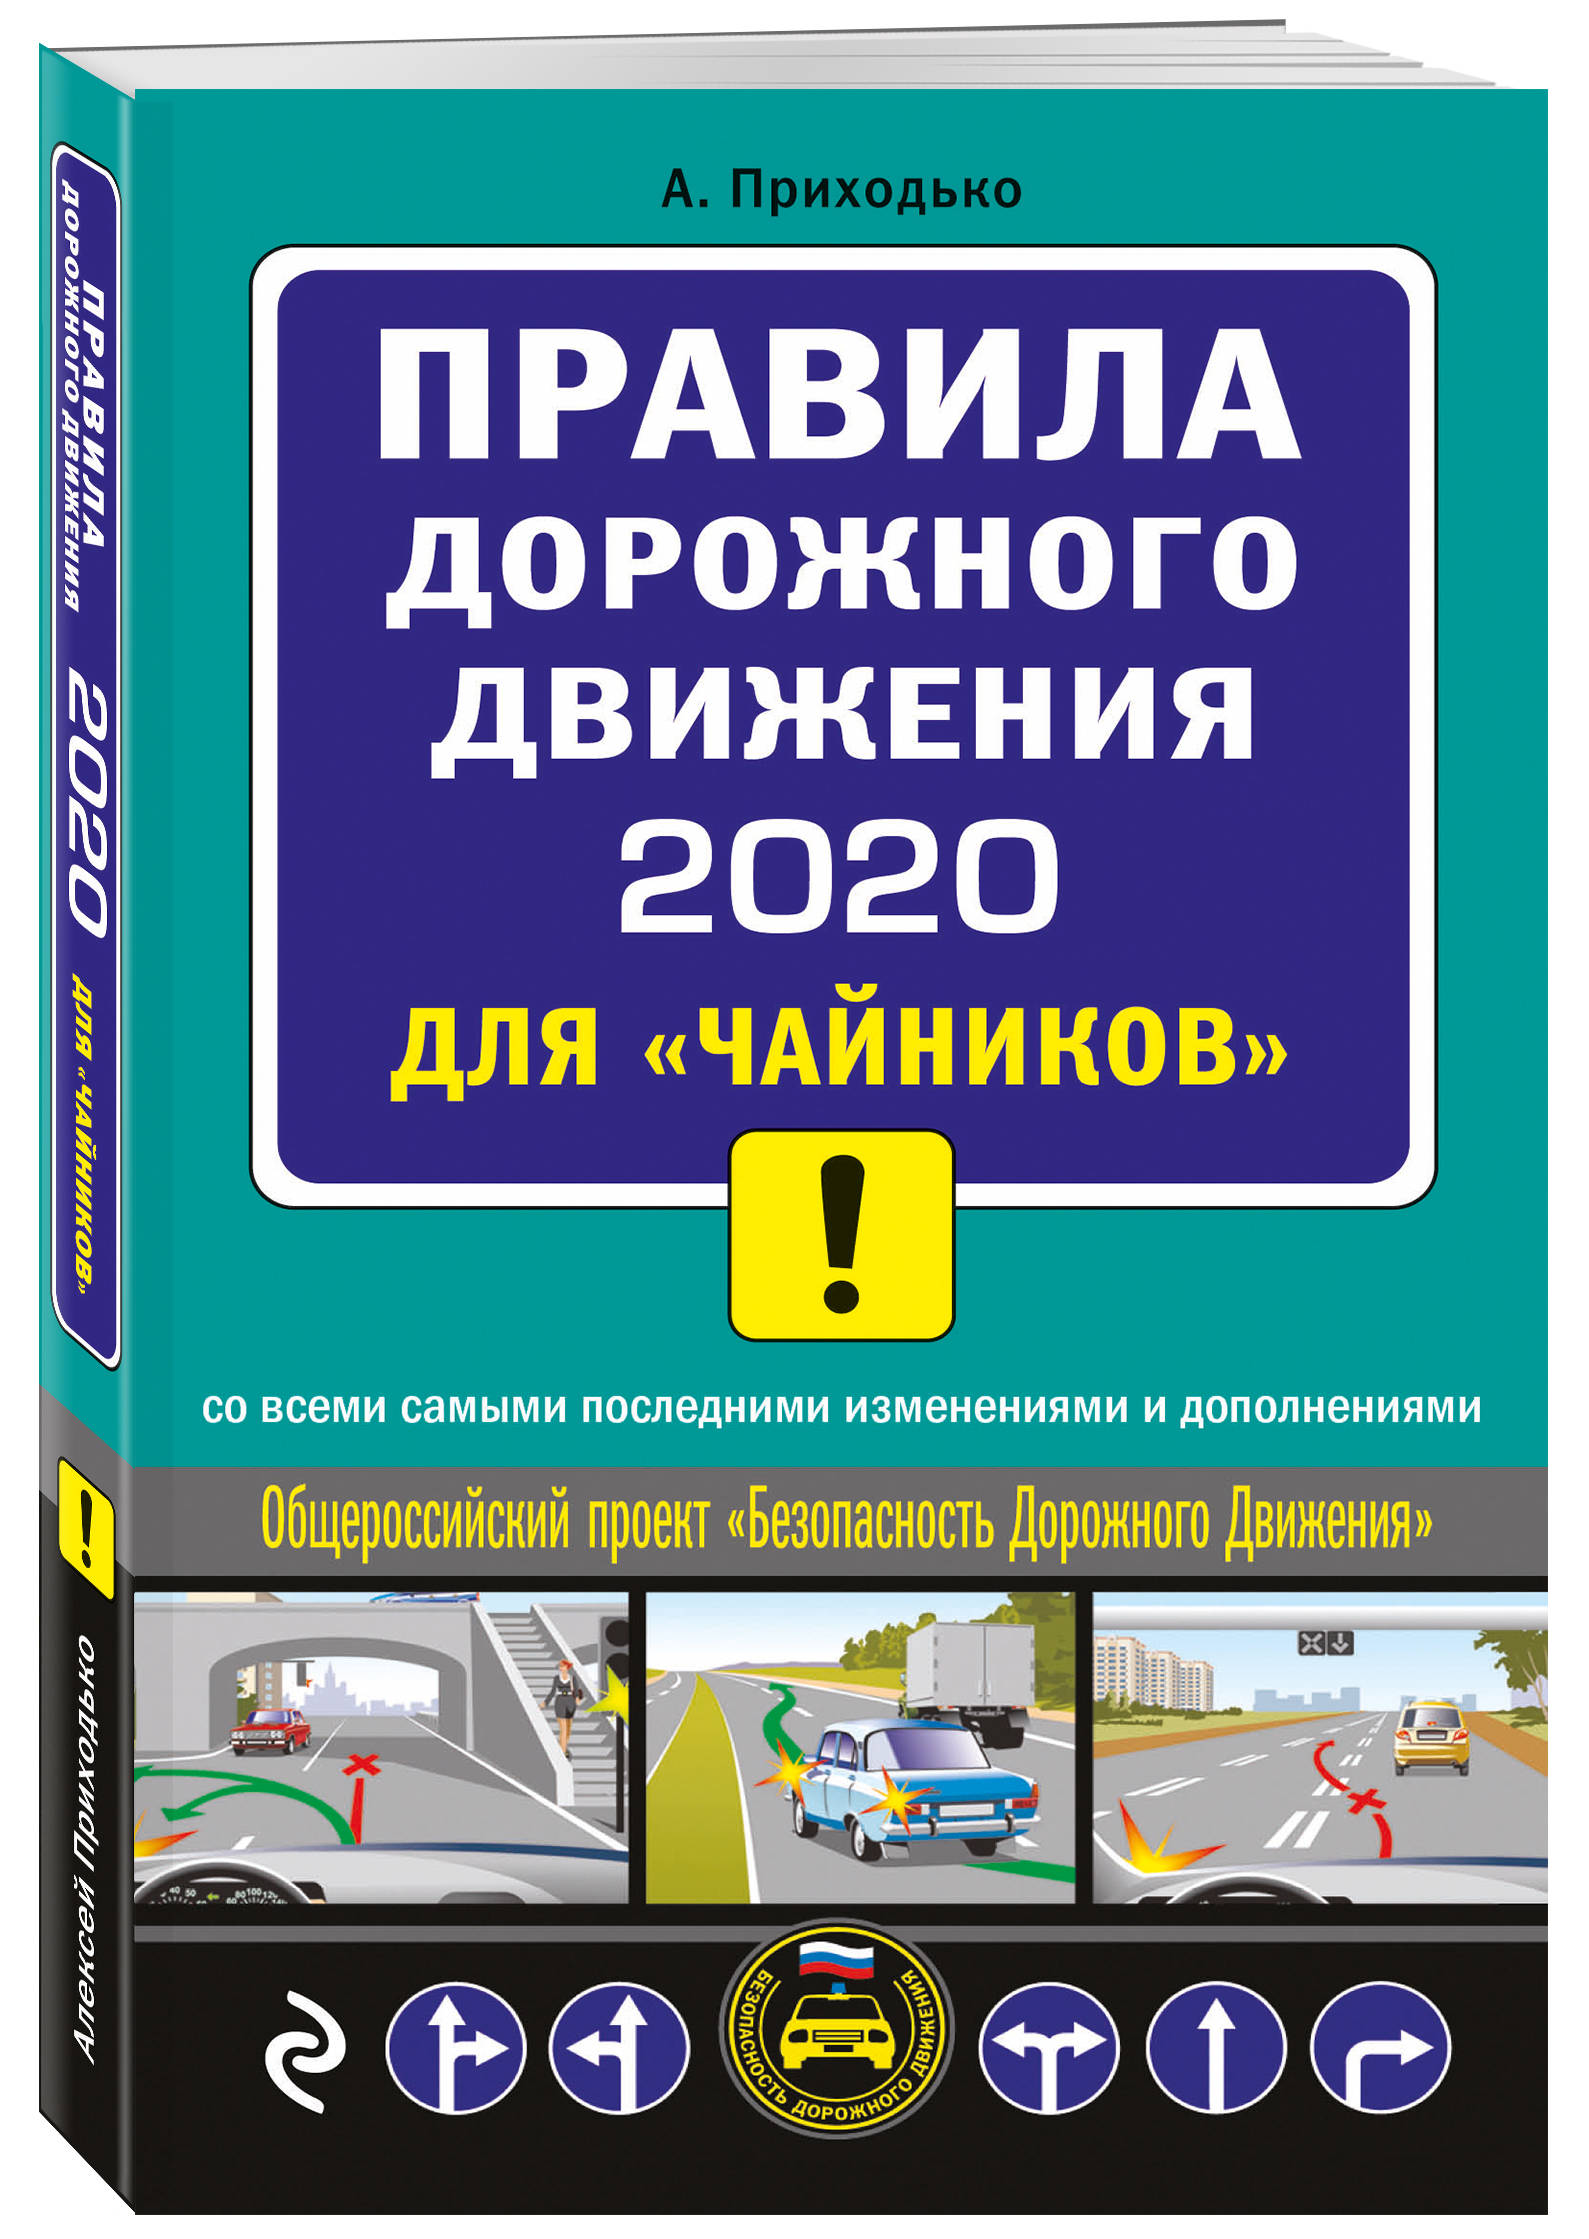 """ПДД 2020 для """"чайников"""": Со всеми последними изменениями"""